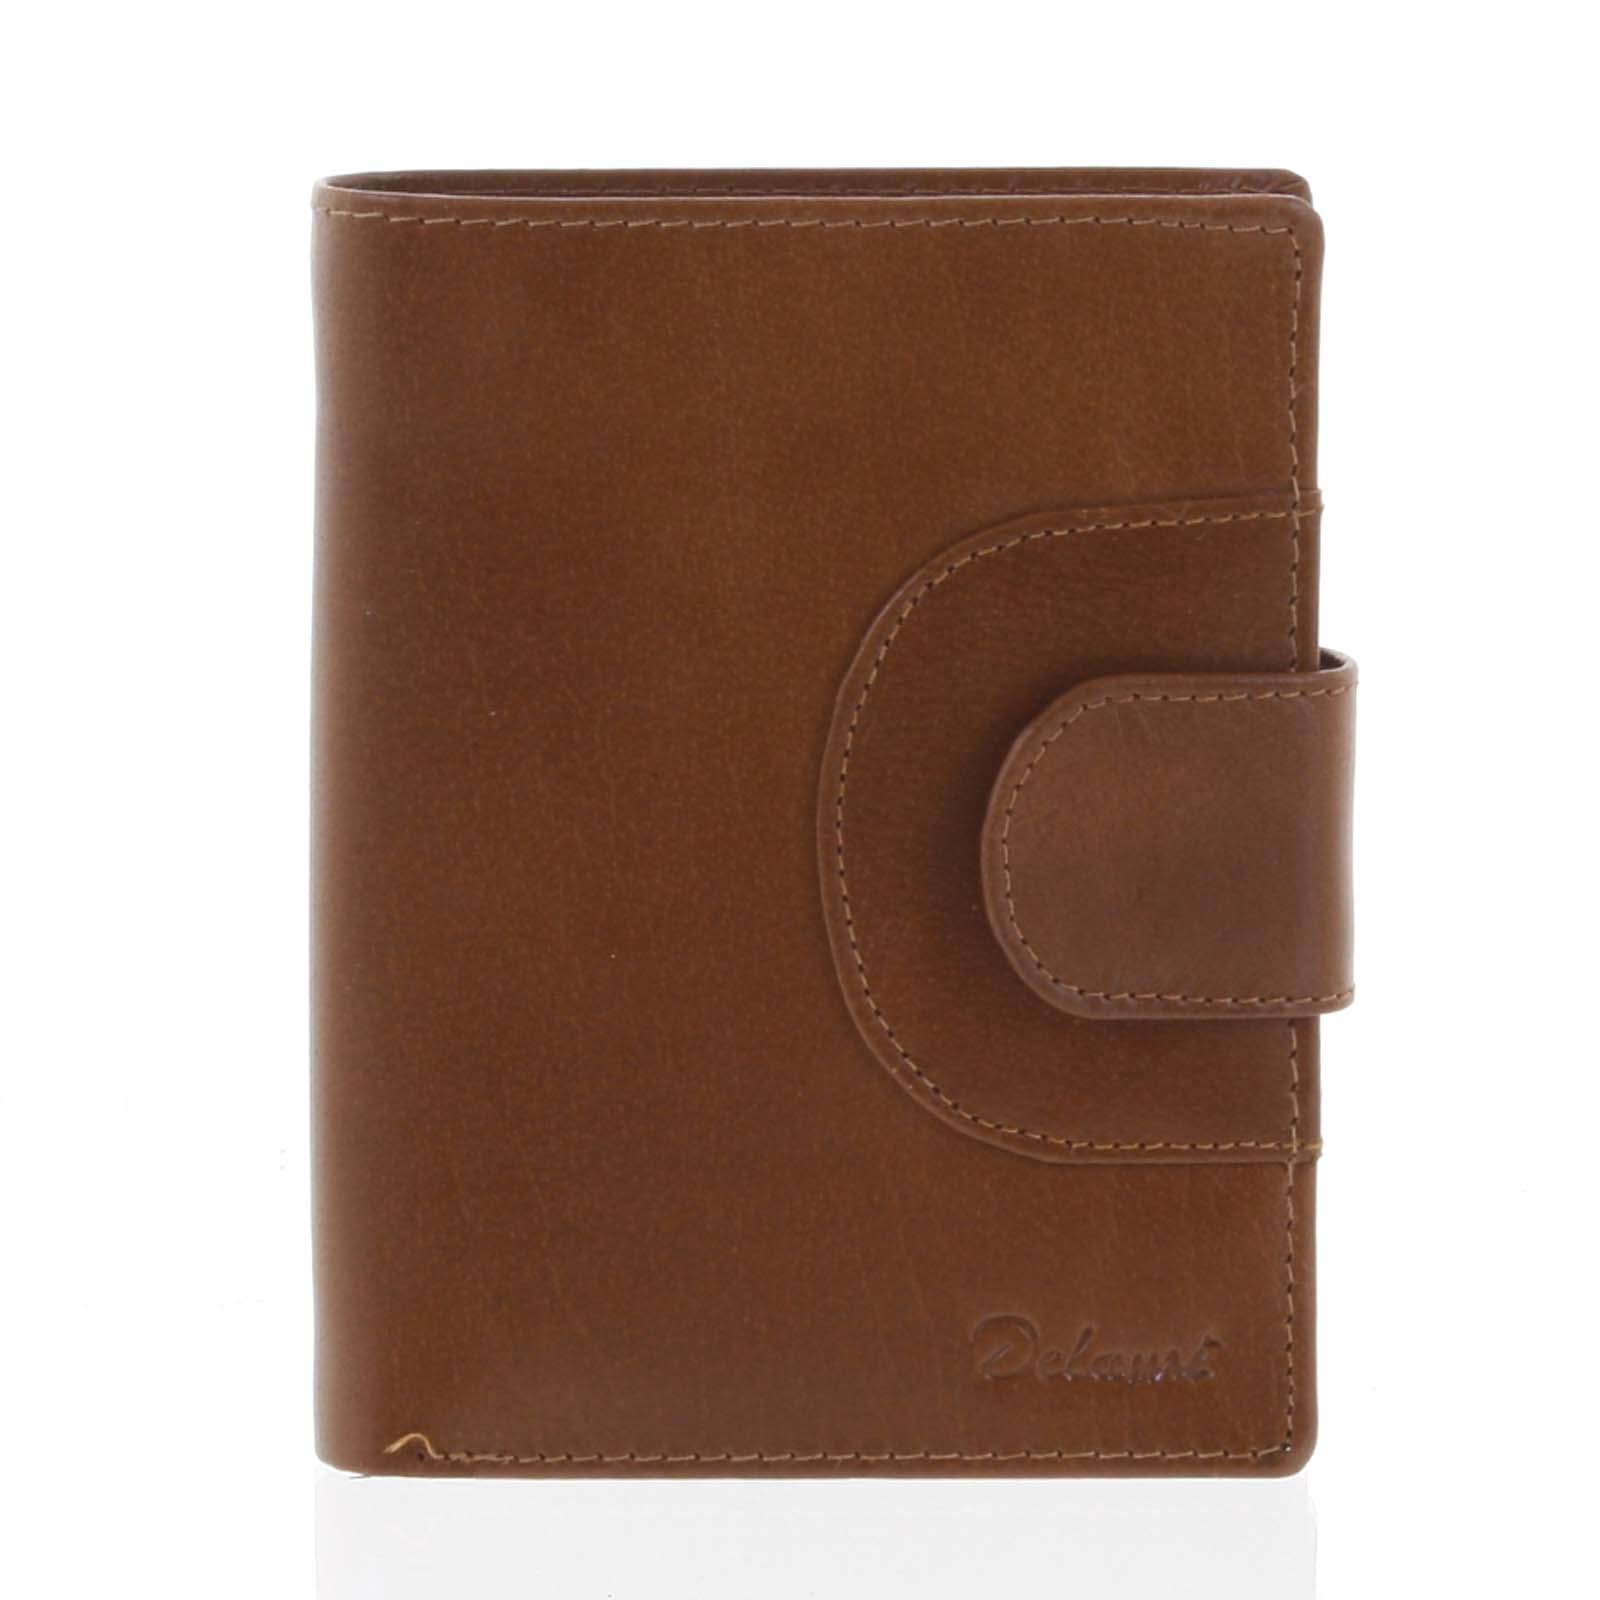 Elegantná pánska kožená hnedá peňaženka - Delami Norm